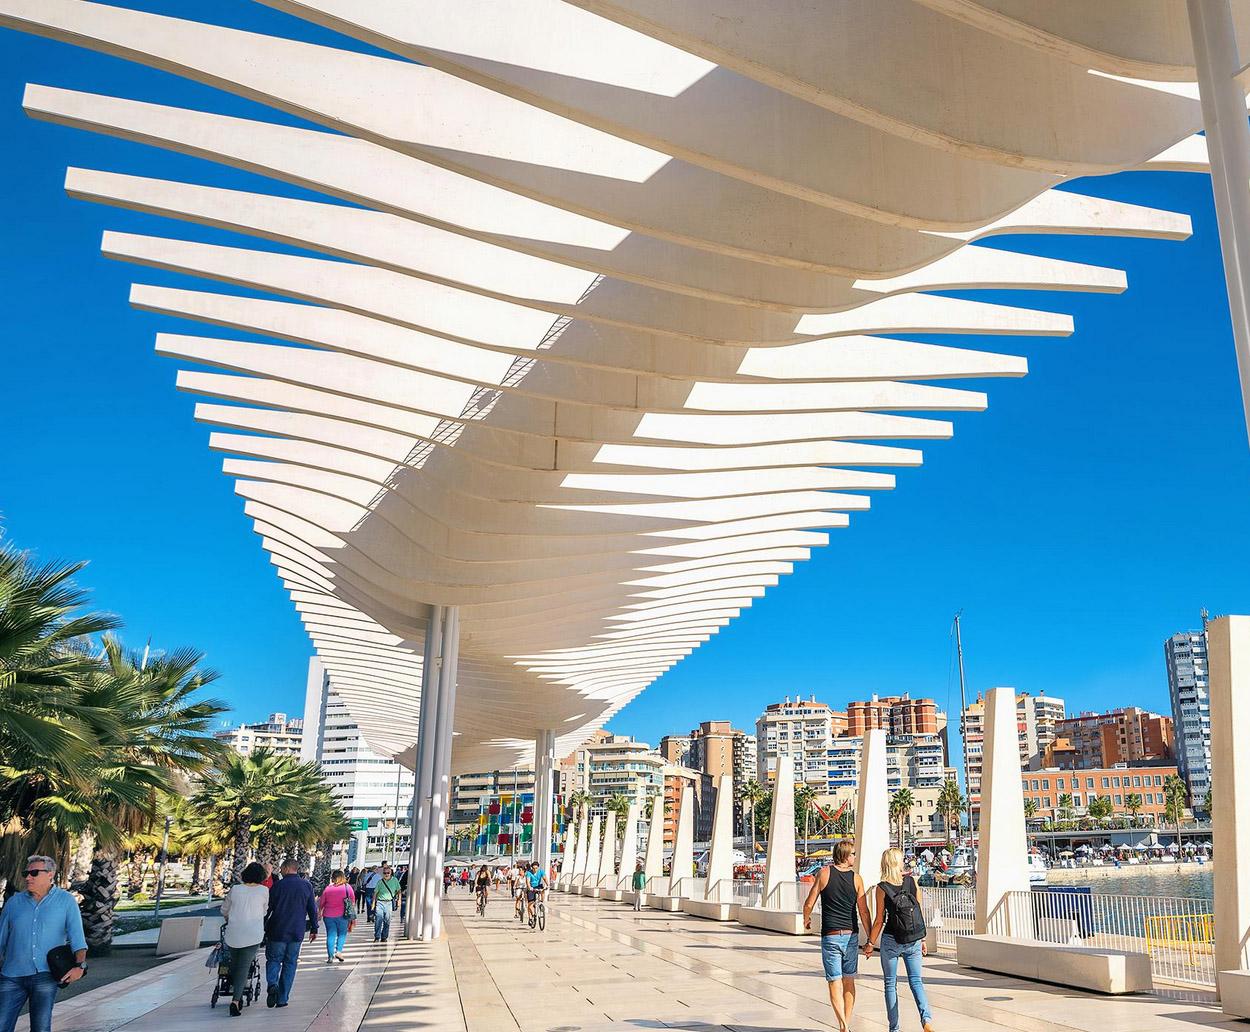 Promenade du port - Malaga